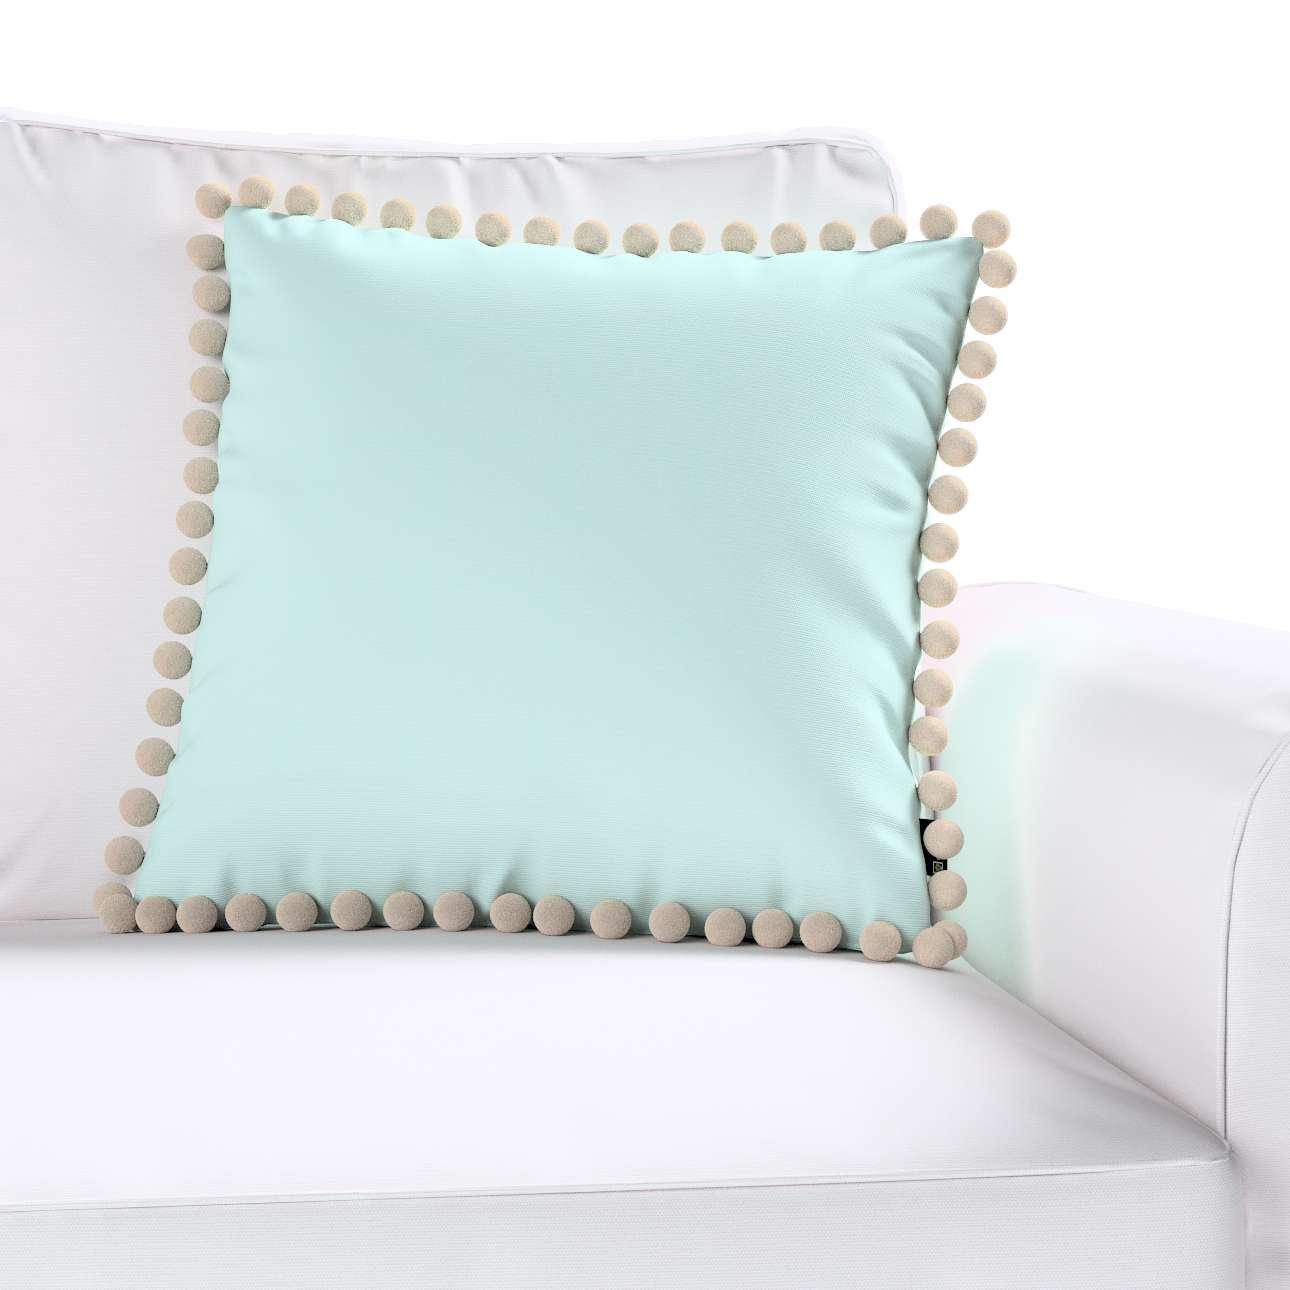 Wera dekoratyvinės pagalvėlės užvalkalas su žaismingais kraštais 45 x 45 cm kolekcijoje Cotton Panama, audinys: 702-10